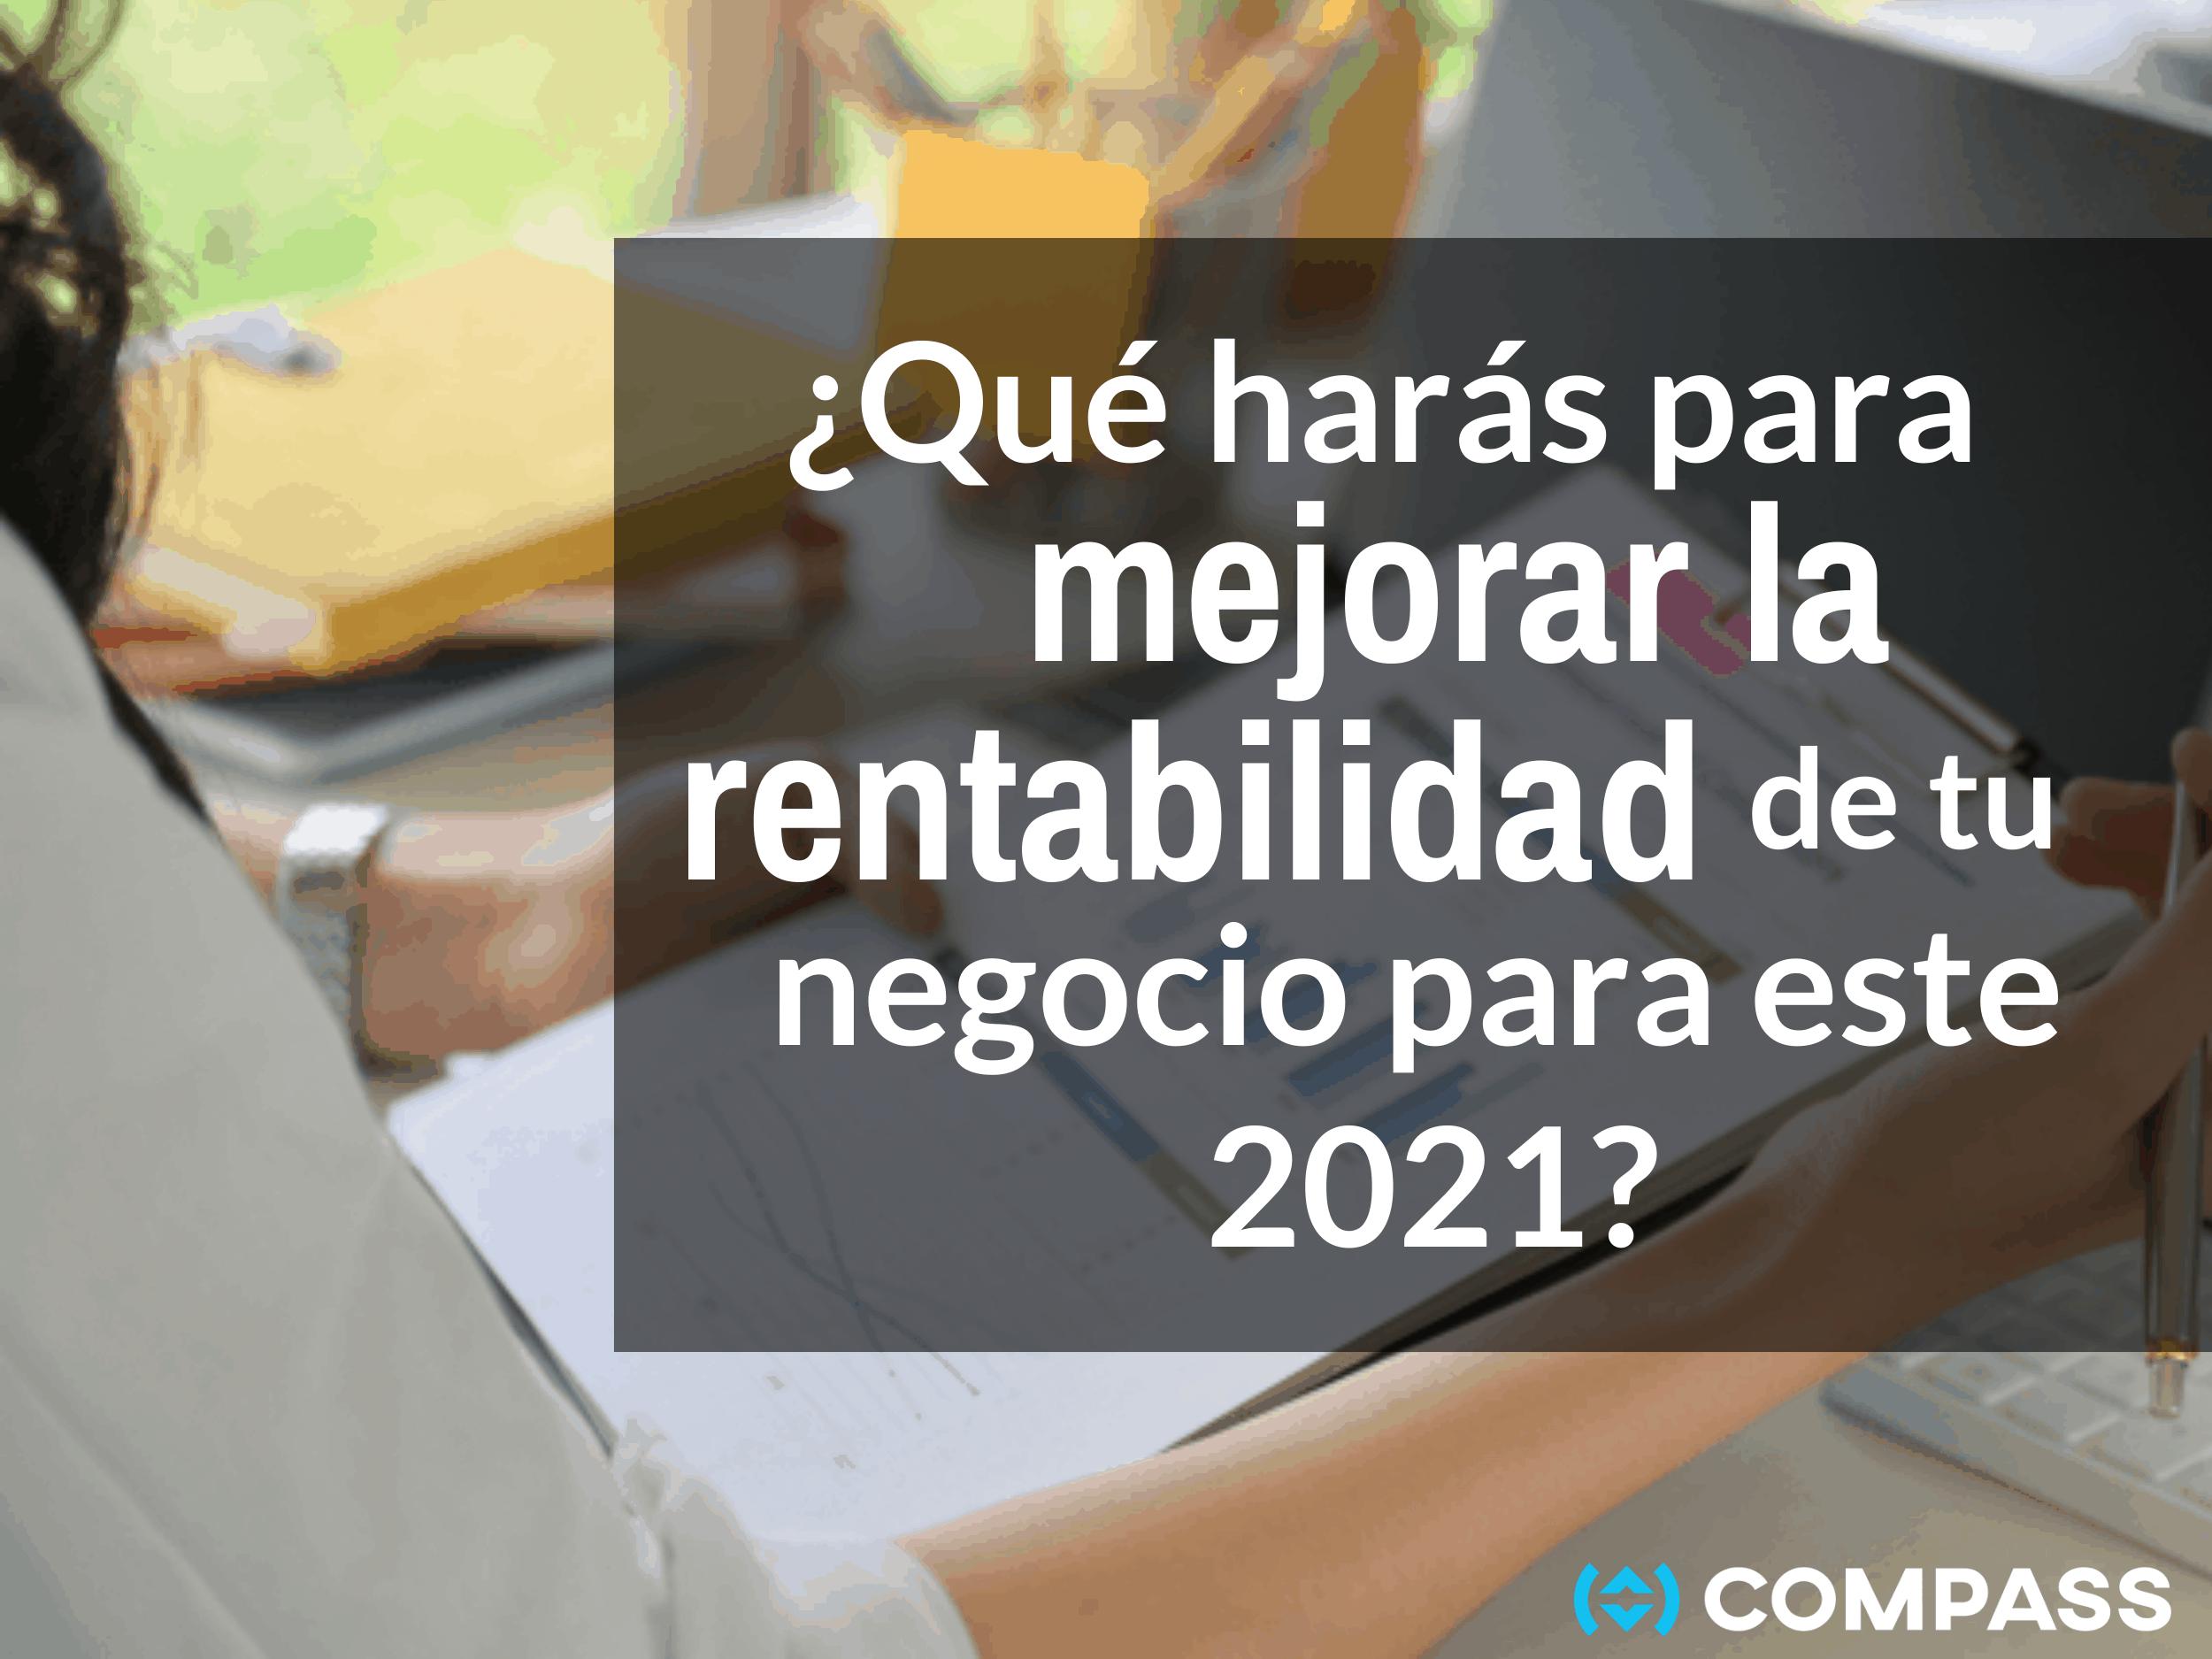 ¿Qué harás para mejorar la rentabilidad de tu negocio para el 2021?